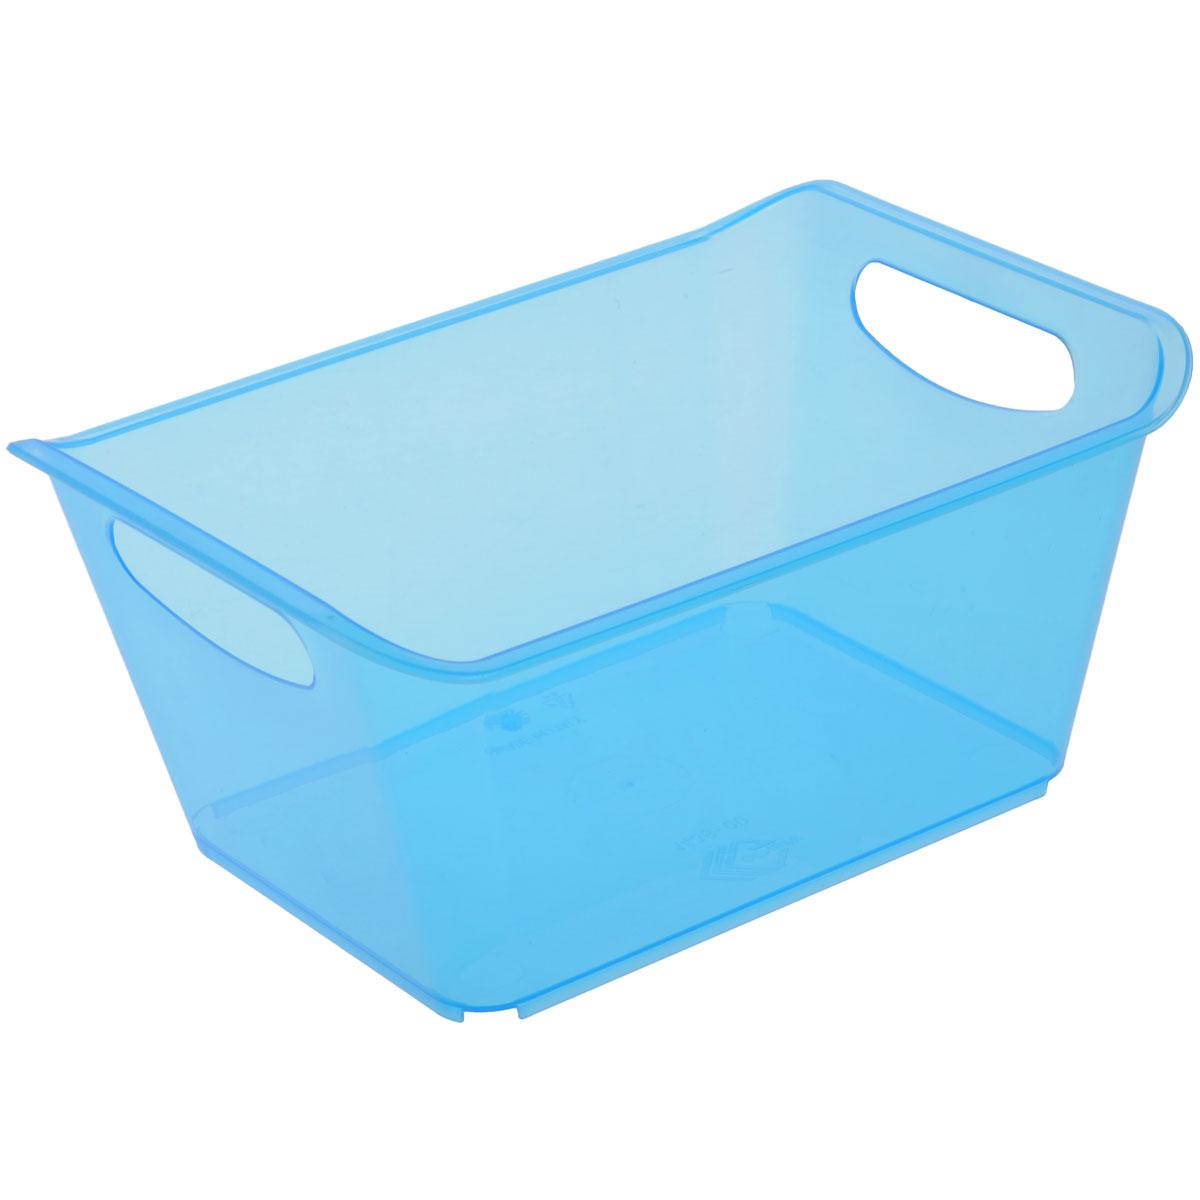 Контейнер Gensini, цвет: голубой, 1,5 л3330_голубойКонтейнер Gensini выполнен из прочного пластика. Он предназначен для хранения различных мелких вещей в ванной, на кухне, даче или гараже, исключая возможность их потери. По бокам контейнера предусмотрены две удобные ручки для его переноски. Контейнер поможет хранить все в одном месте, а также защитить вещи от пыли, грязи и влаги. Объем: 1,5 л.